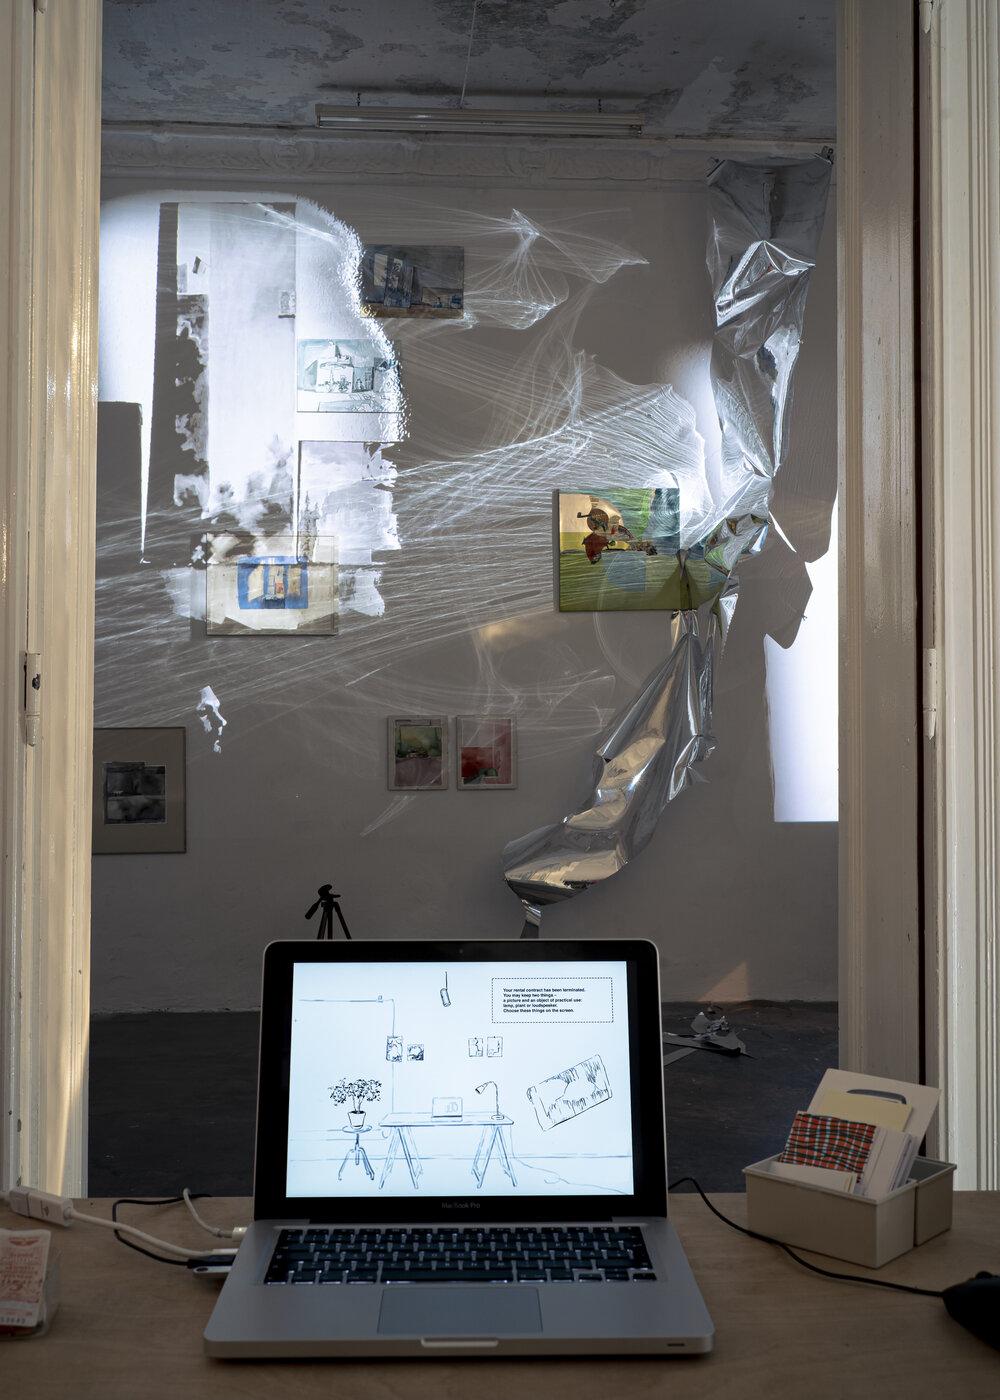 Вид експозиції зі сторони ноутбуку, проекція з'являється після вибору предметів на моніторі. Фото: Вікторія Підуст